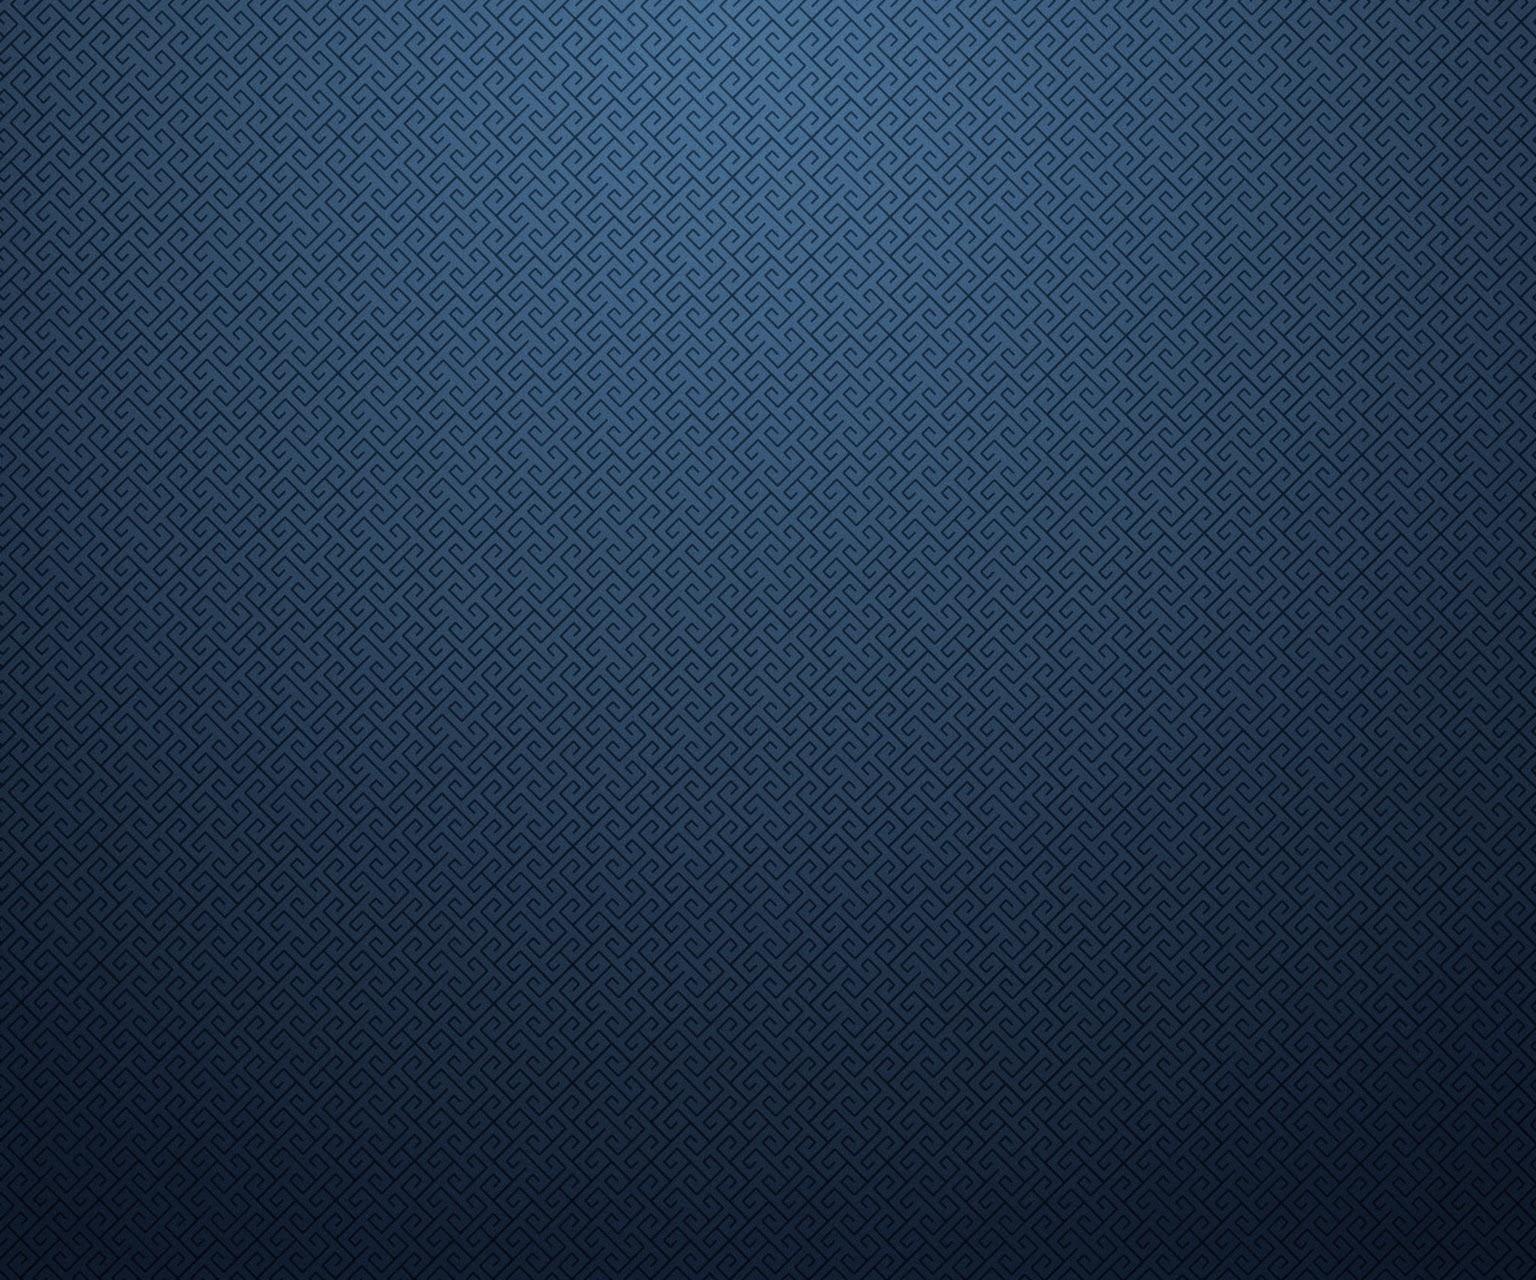 Hd Wallpapers Blackberry 10: BlackBerry Z10 HD Wallpapers Simple 2014